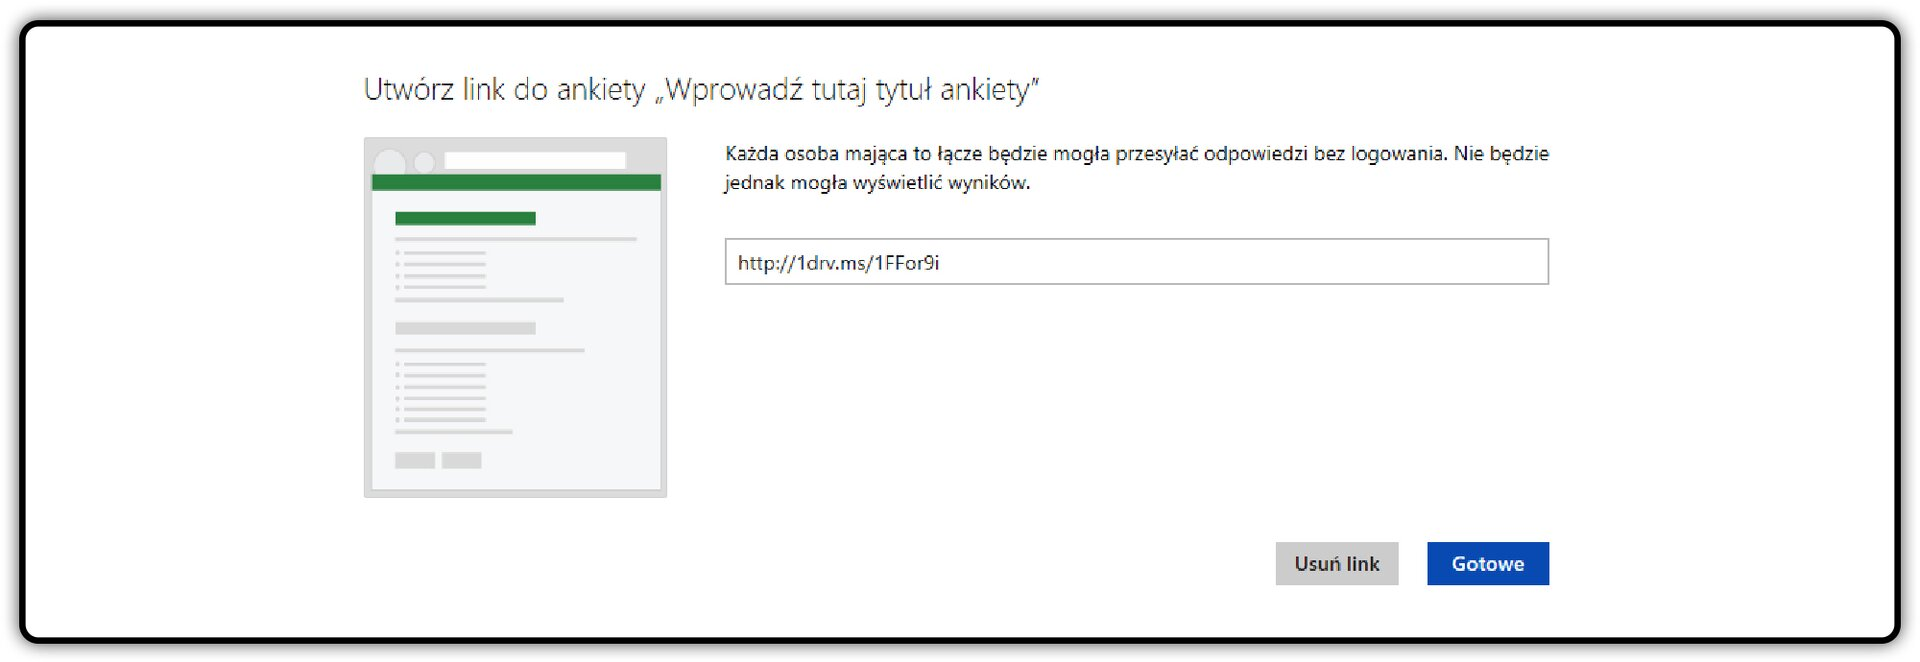 Zrzut okna: Utwórz link do ankiety